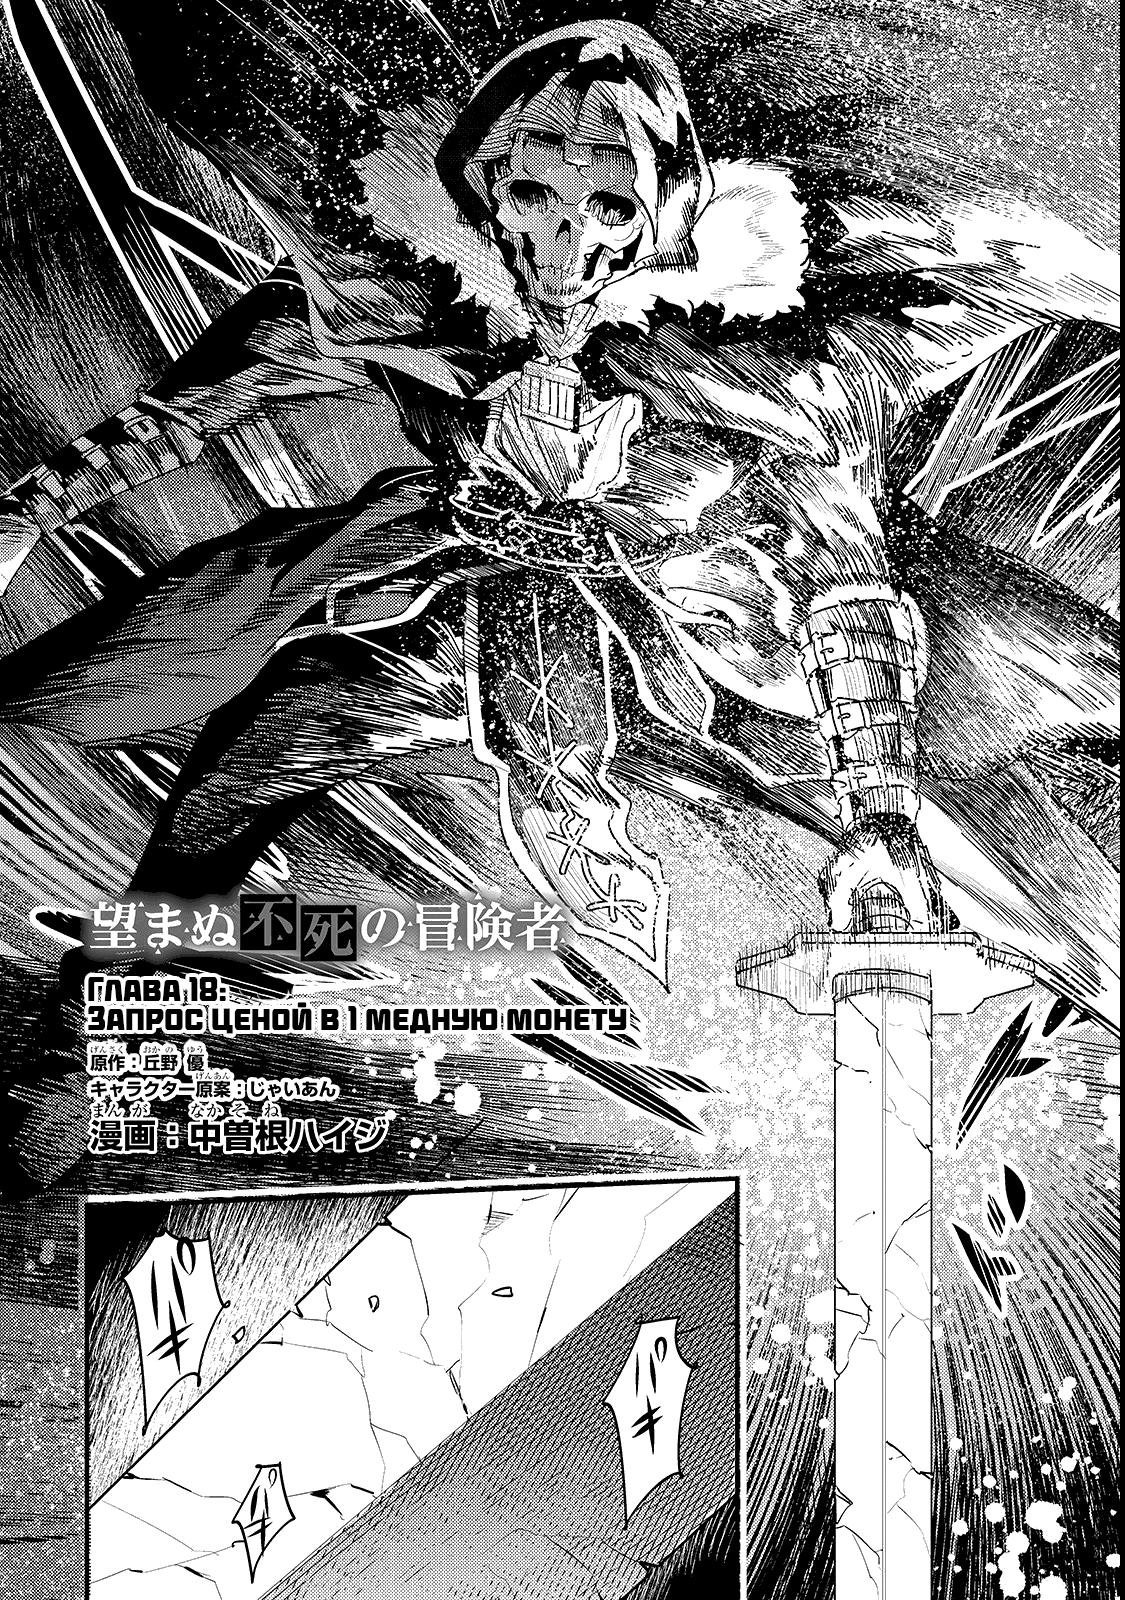 Манга Нежеланно бессмертный авантюрист - Глава 18 Страница 1